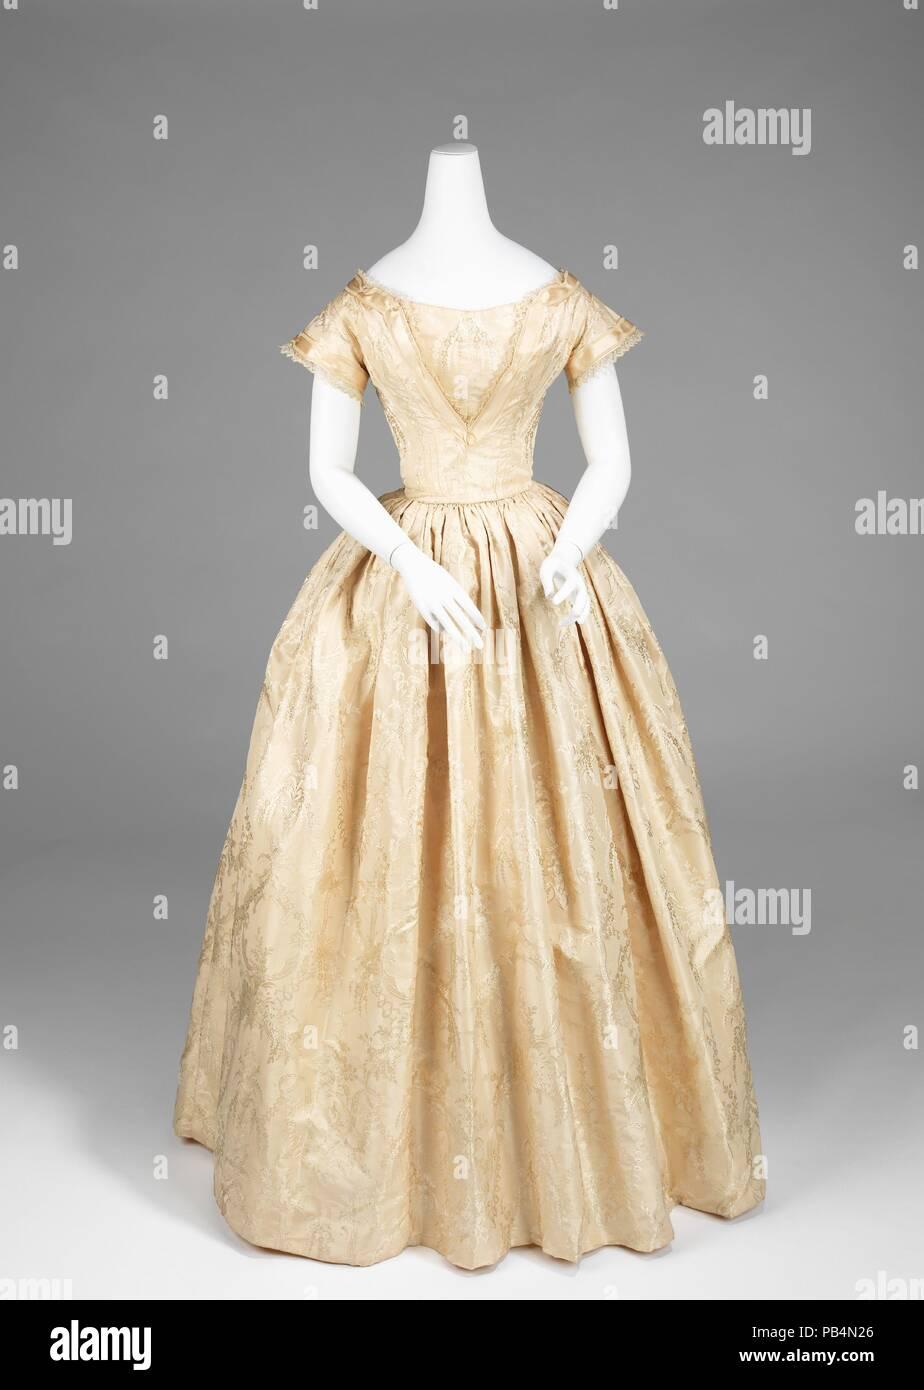 3f9c313a62e8 Abito da sposa. Cultura  American. Data  1845-50. Un buon